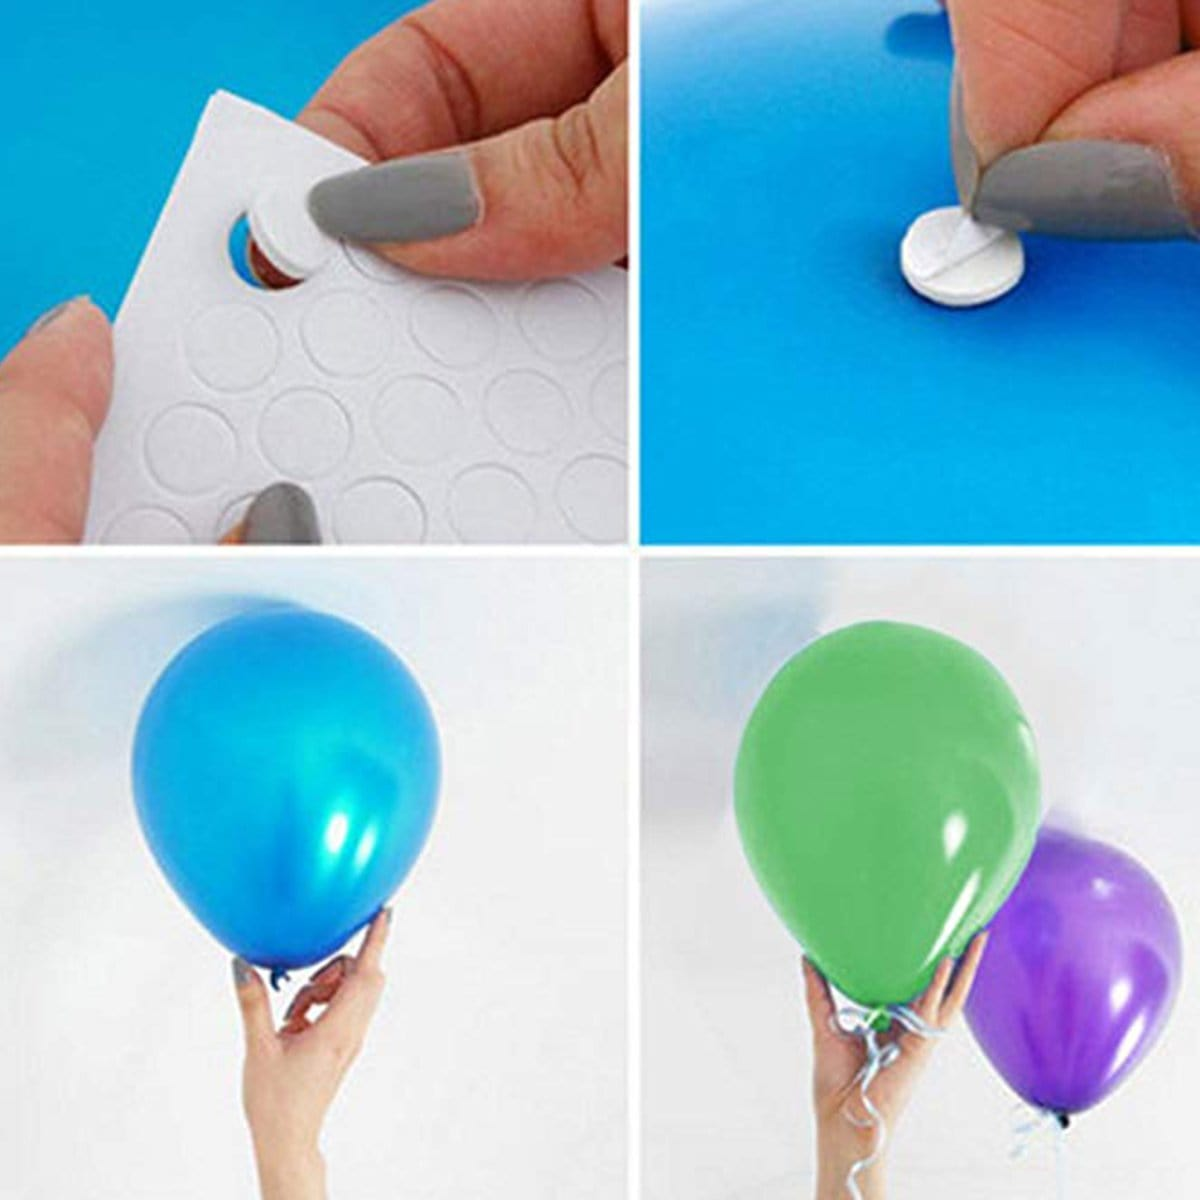 Balloon Attachment Dubbelzijdige kleefstof 200 punten